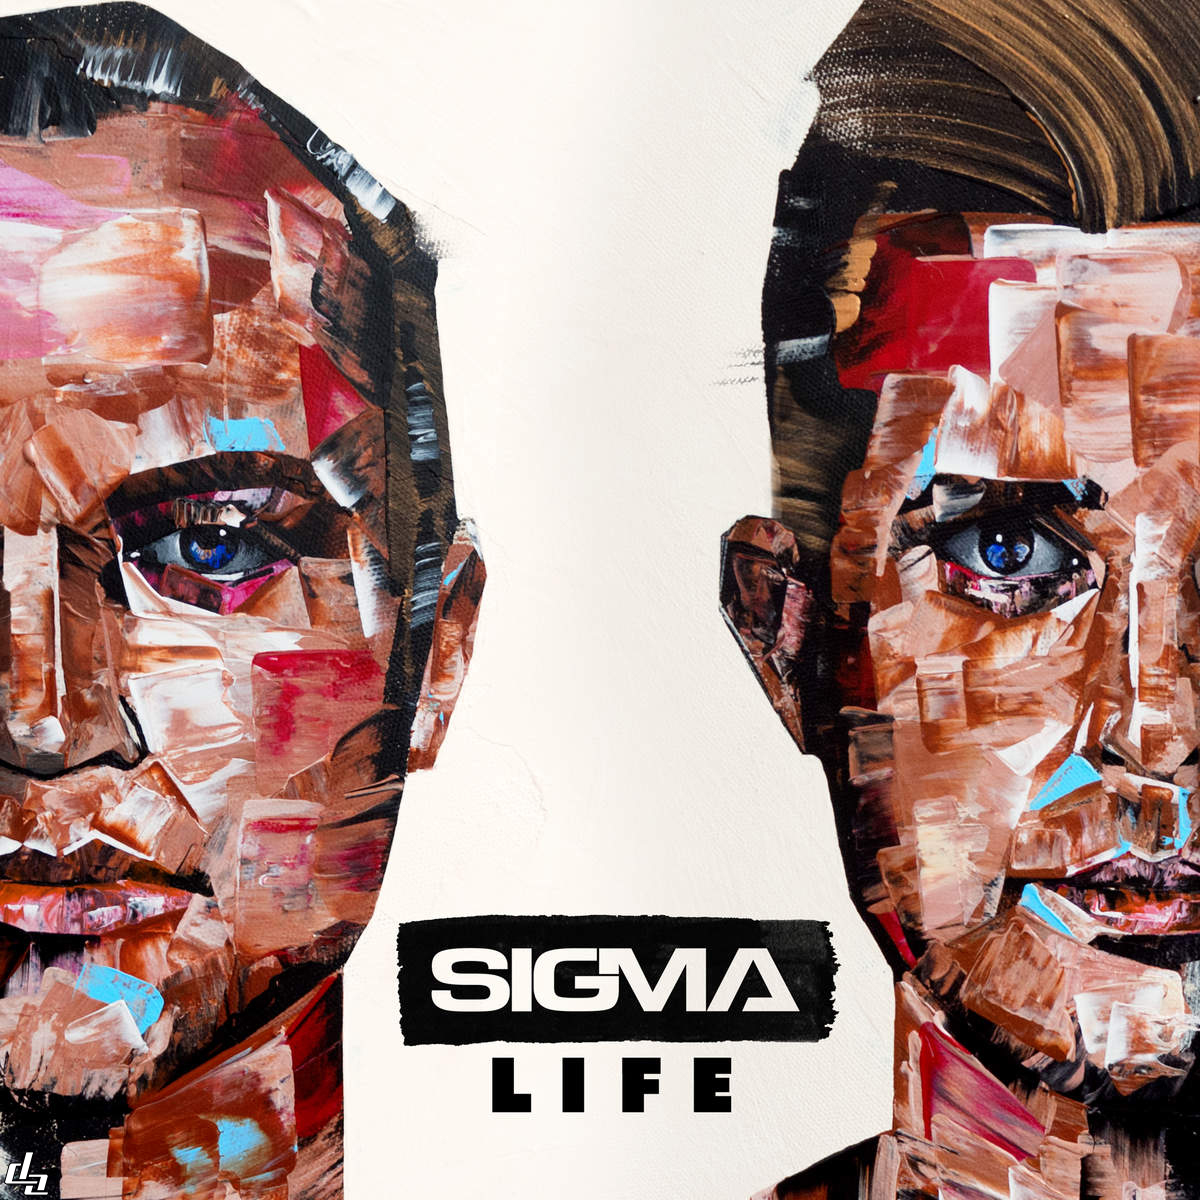 Sigma album Life